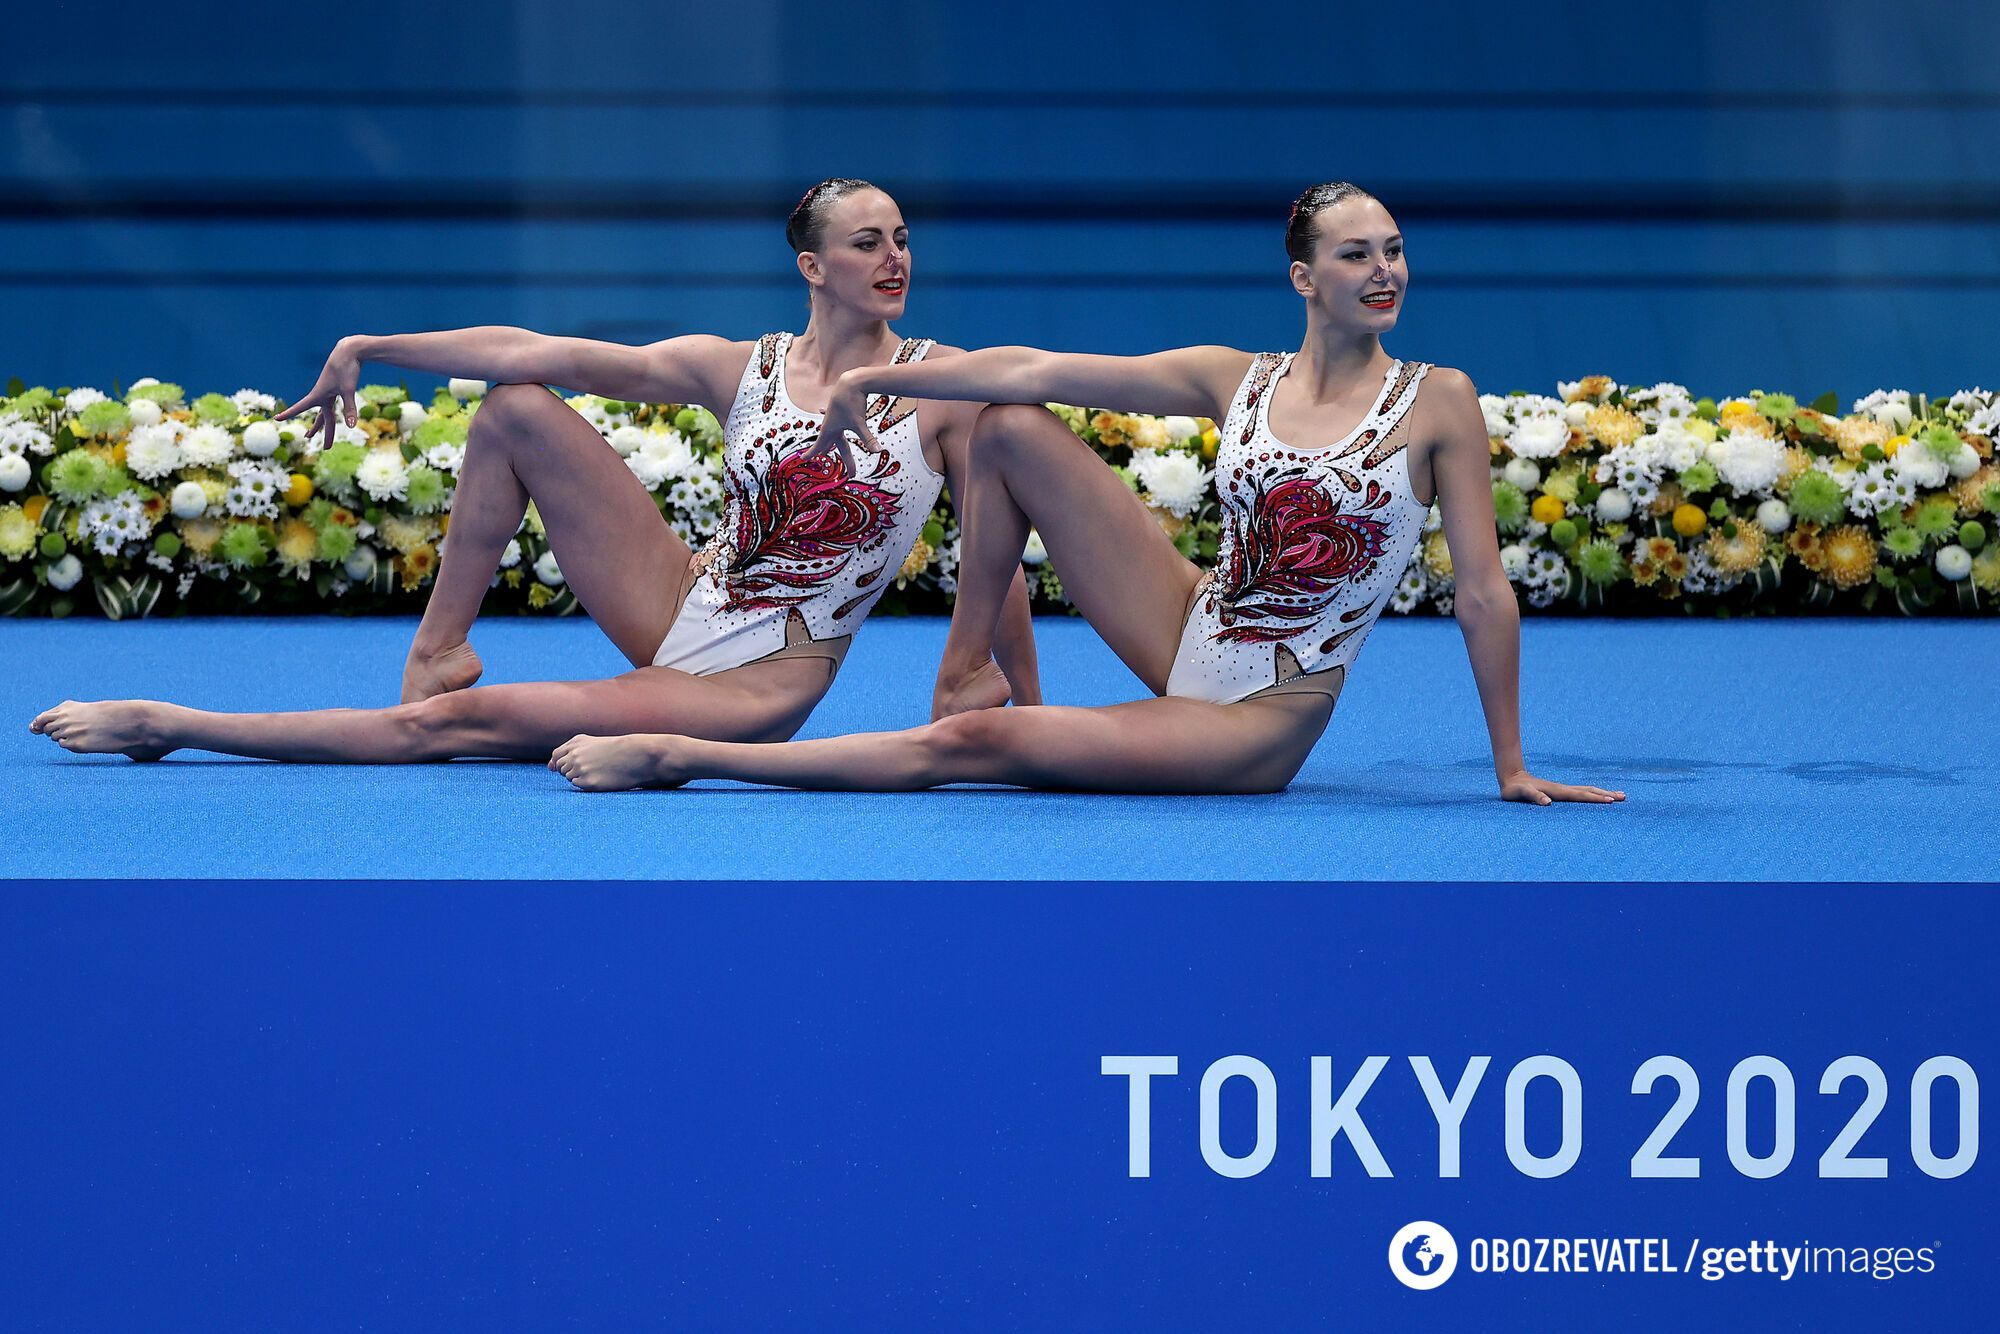 Марта Федина и Анастасия Савчук вошли в историю.